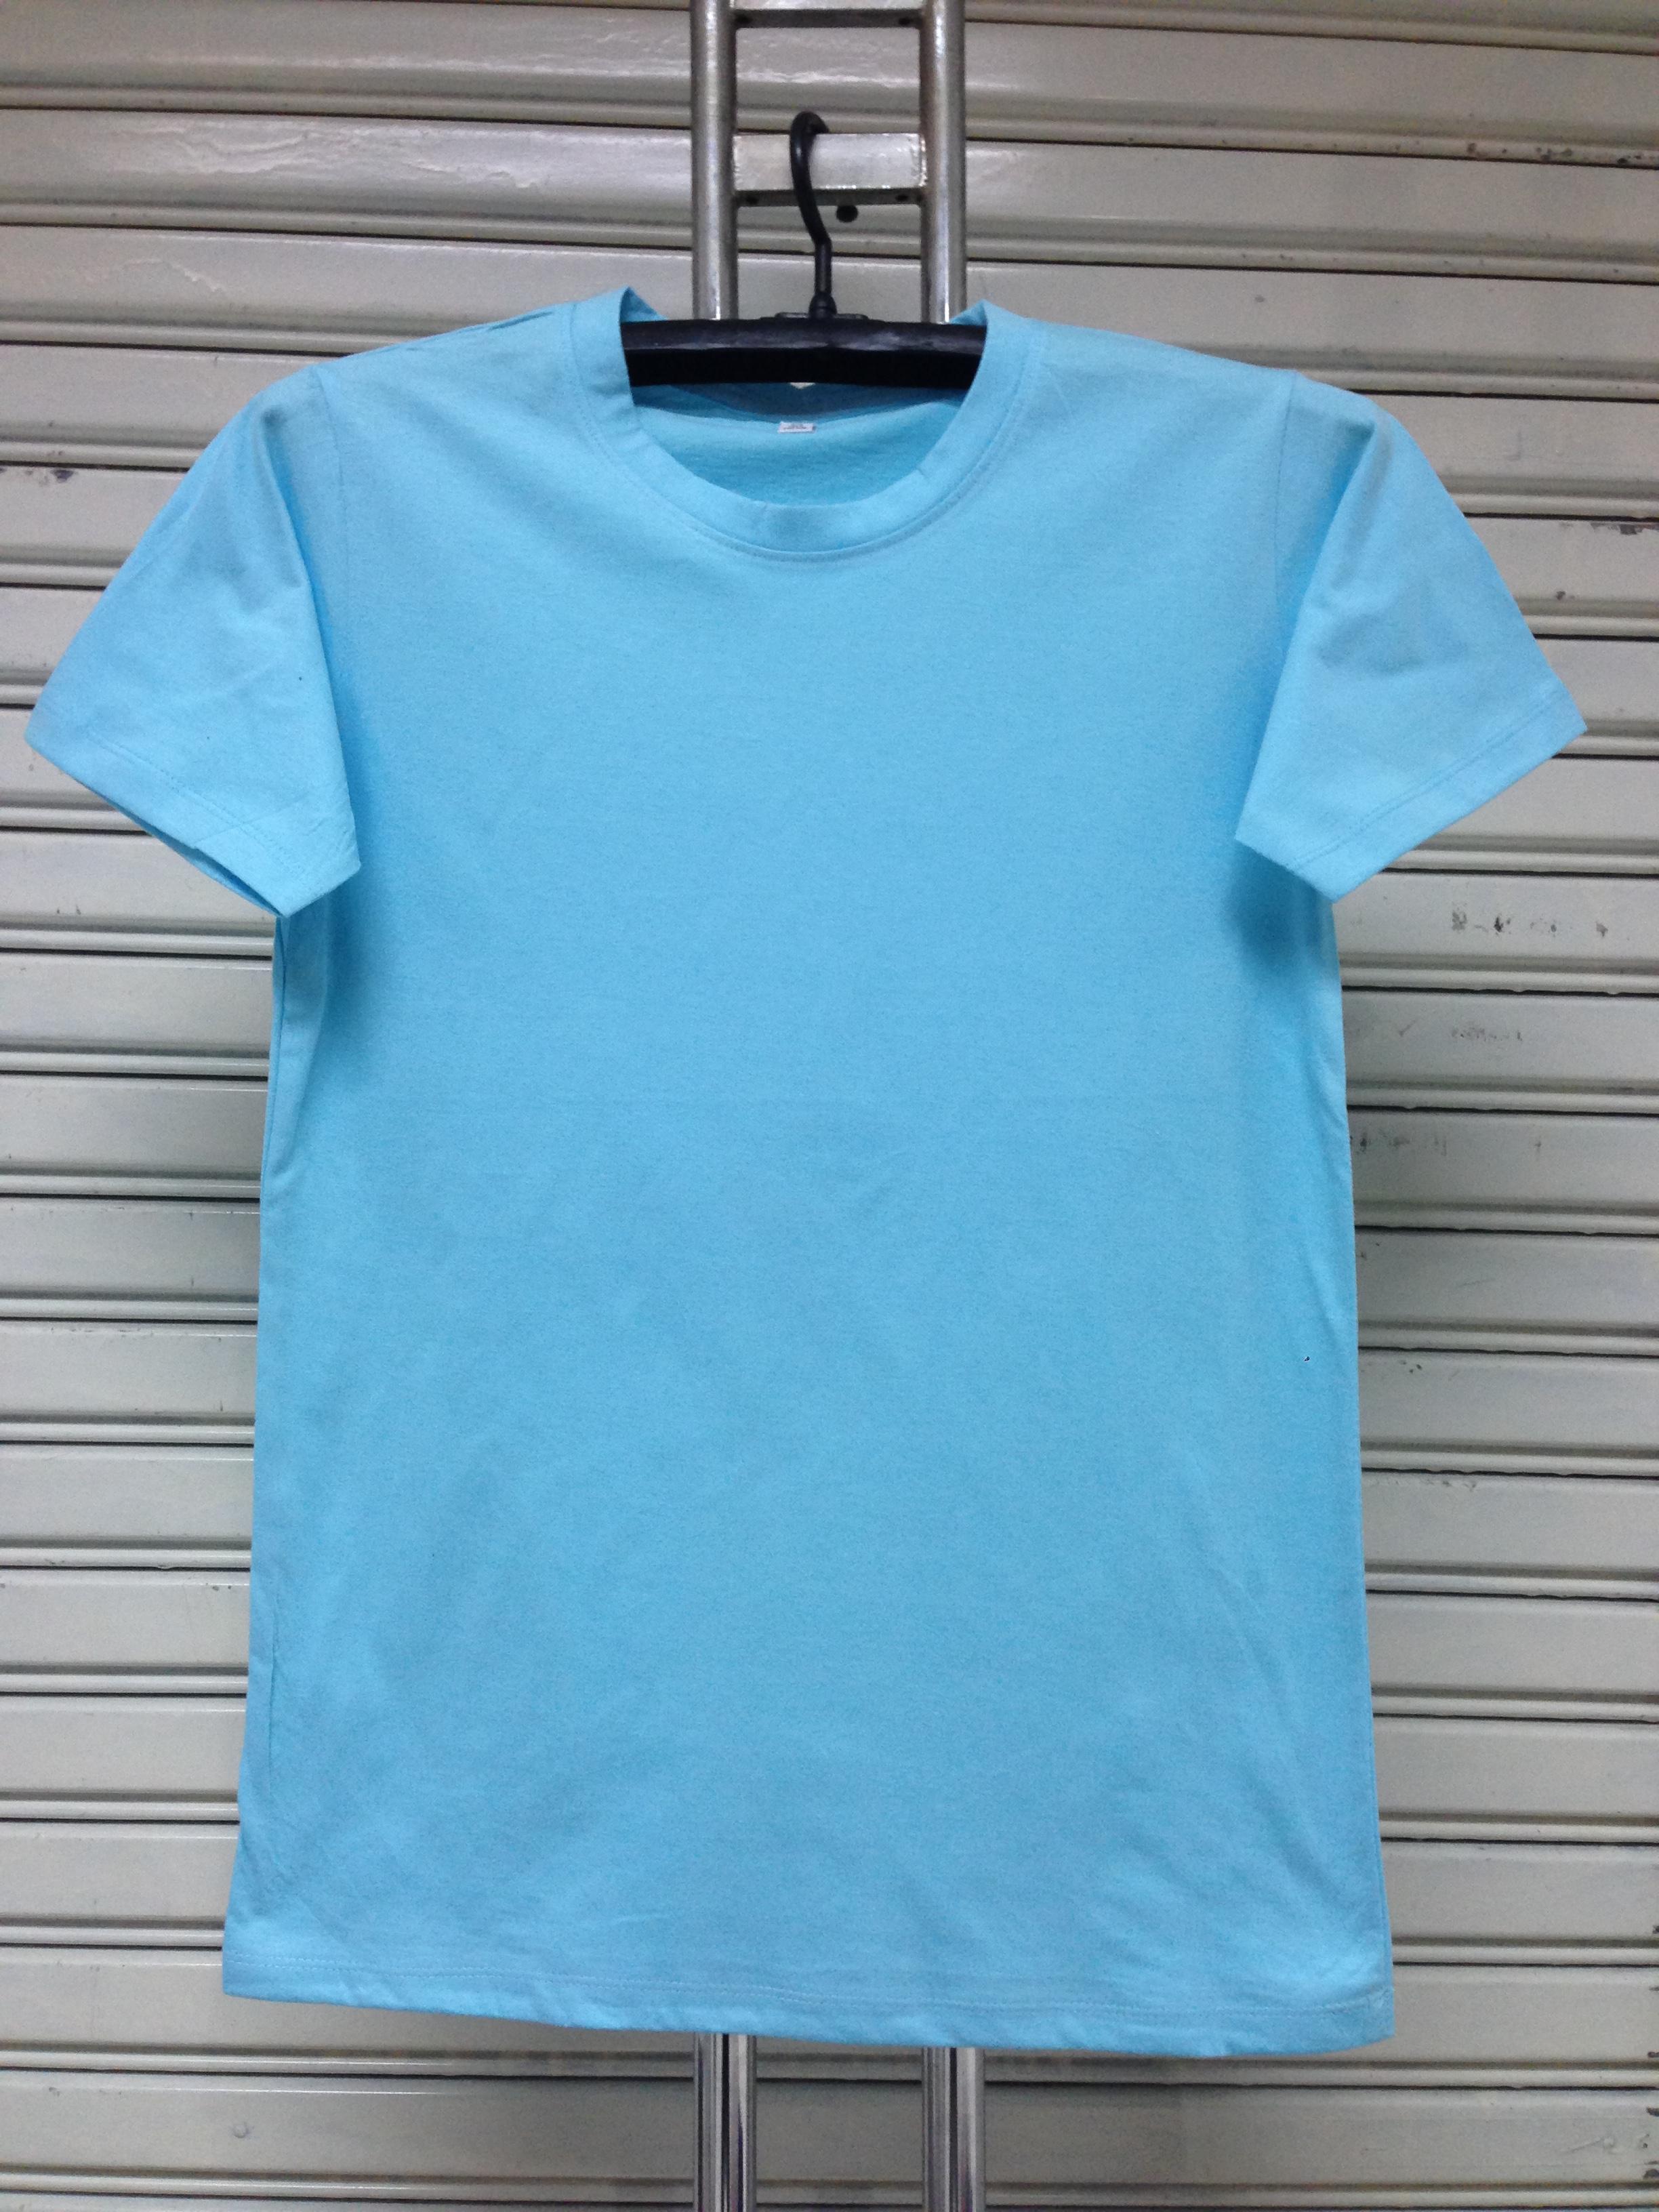 COTTON100% เบอร์32 เสื้อยืดแขนสั้น คอกลม สีฟ้า